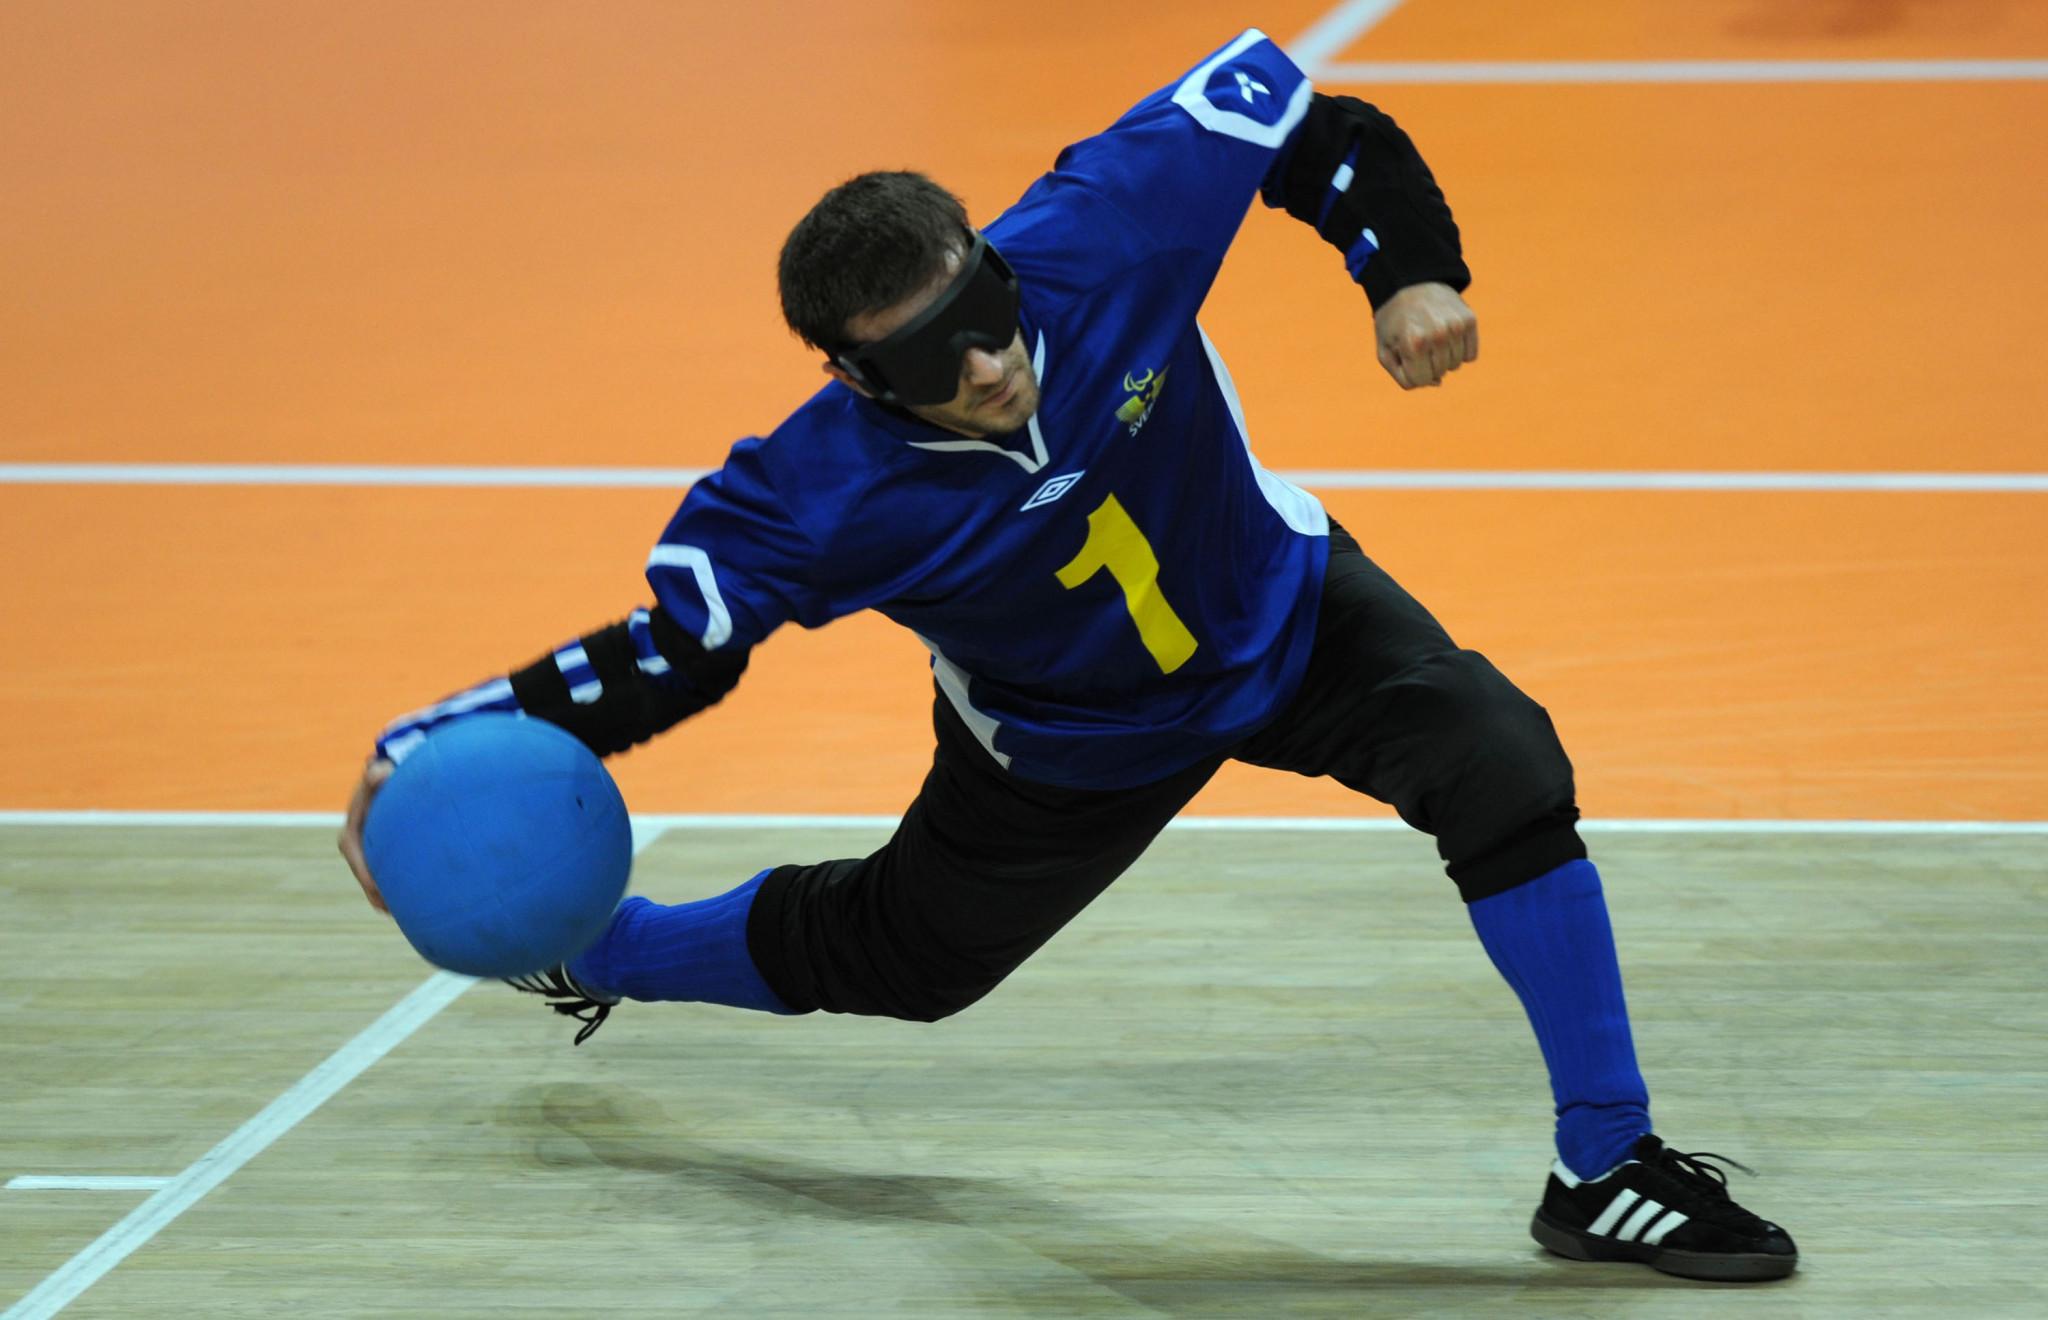 Czech Blind Sports Federation planning October international goalball tournament